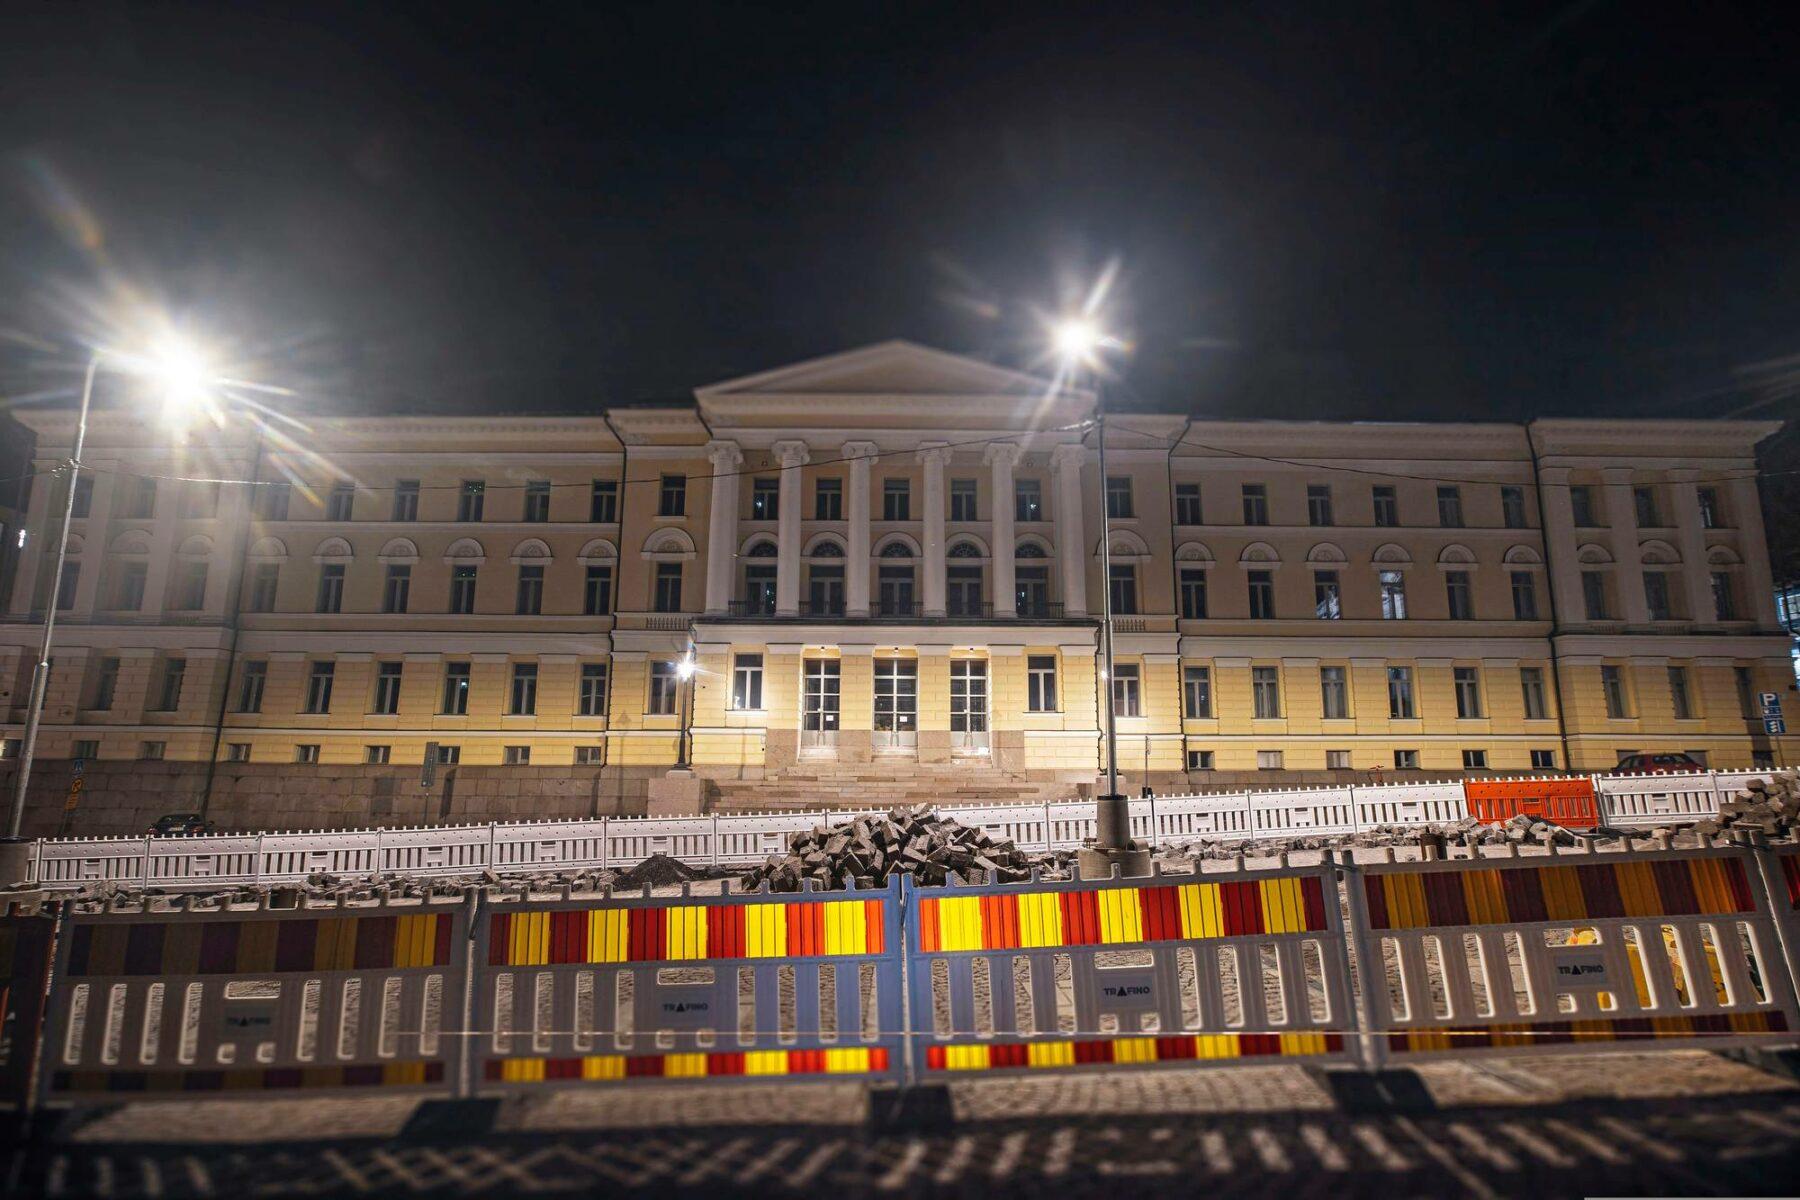 Helsingin yliopistossa työskentelee yli 8100 ihmistä. Päärakennus Senaatintorin laidassa.